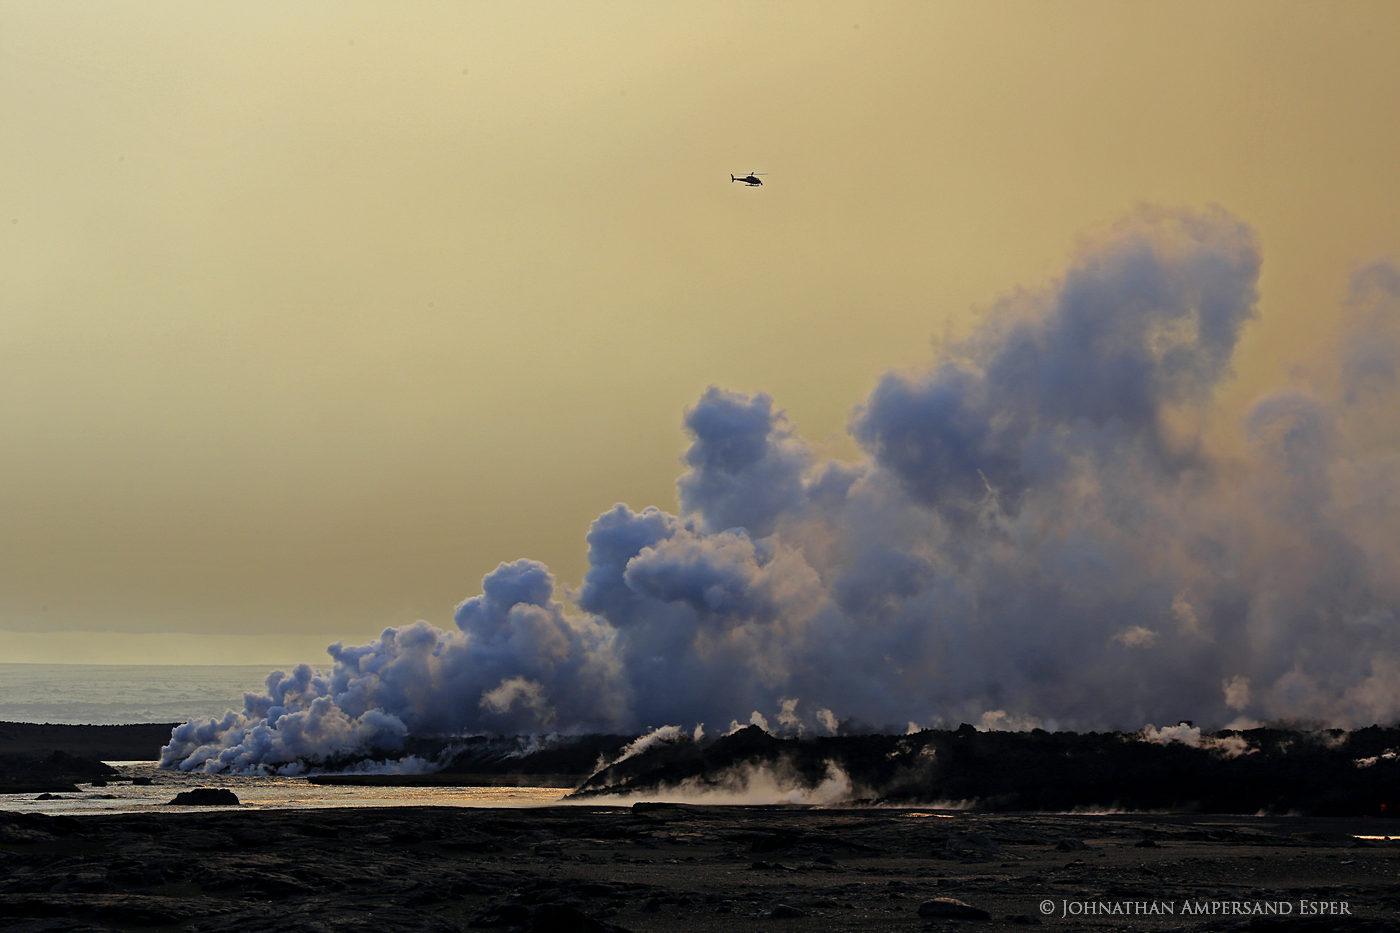 2014, Baugur, Bárðarbunga, Holuhraun, Iceland, Jokulsa a Fjollum, Jökulsá á Fjöllum, crater, erupting, eruption, flow, gas cloud, lava, river, sulfur dioxide, toxic gases, photo